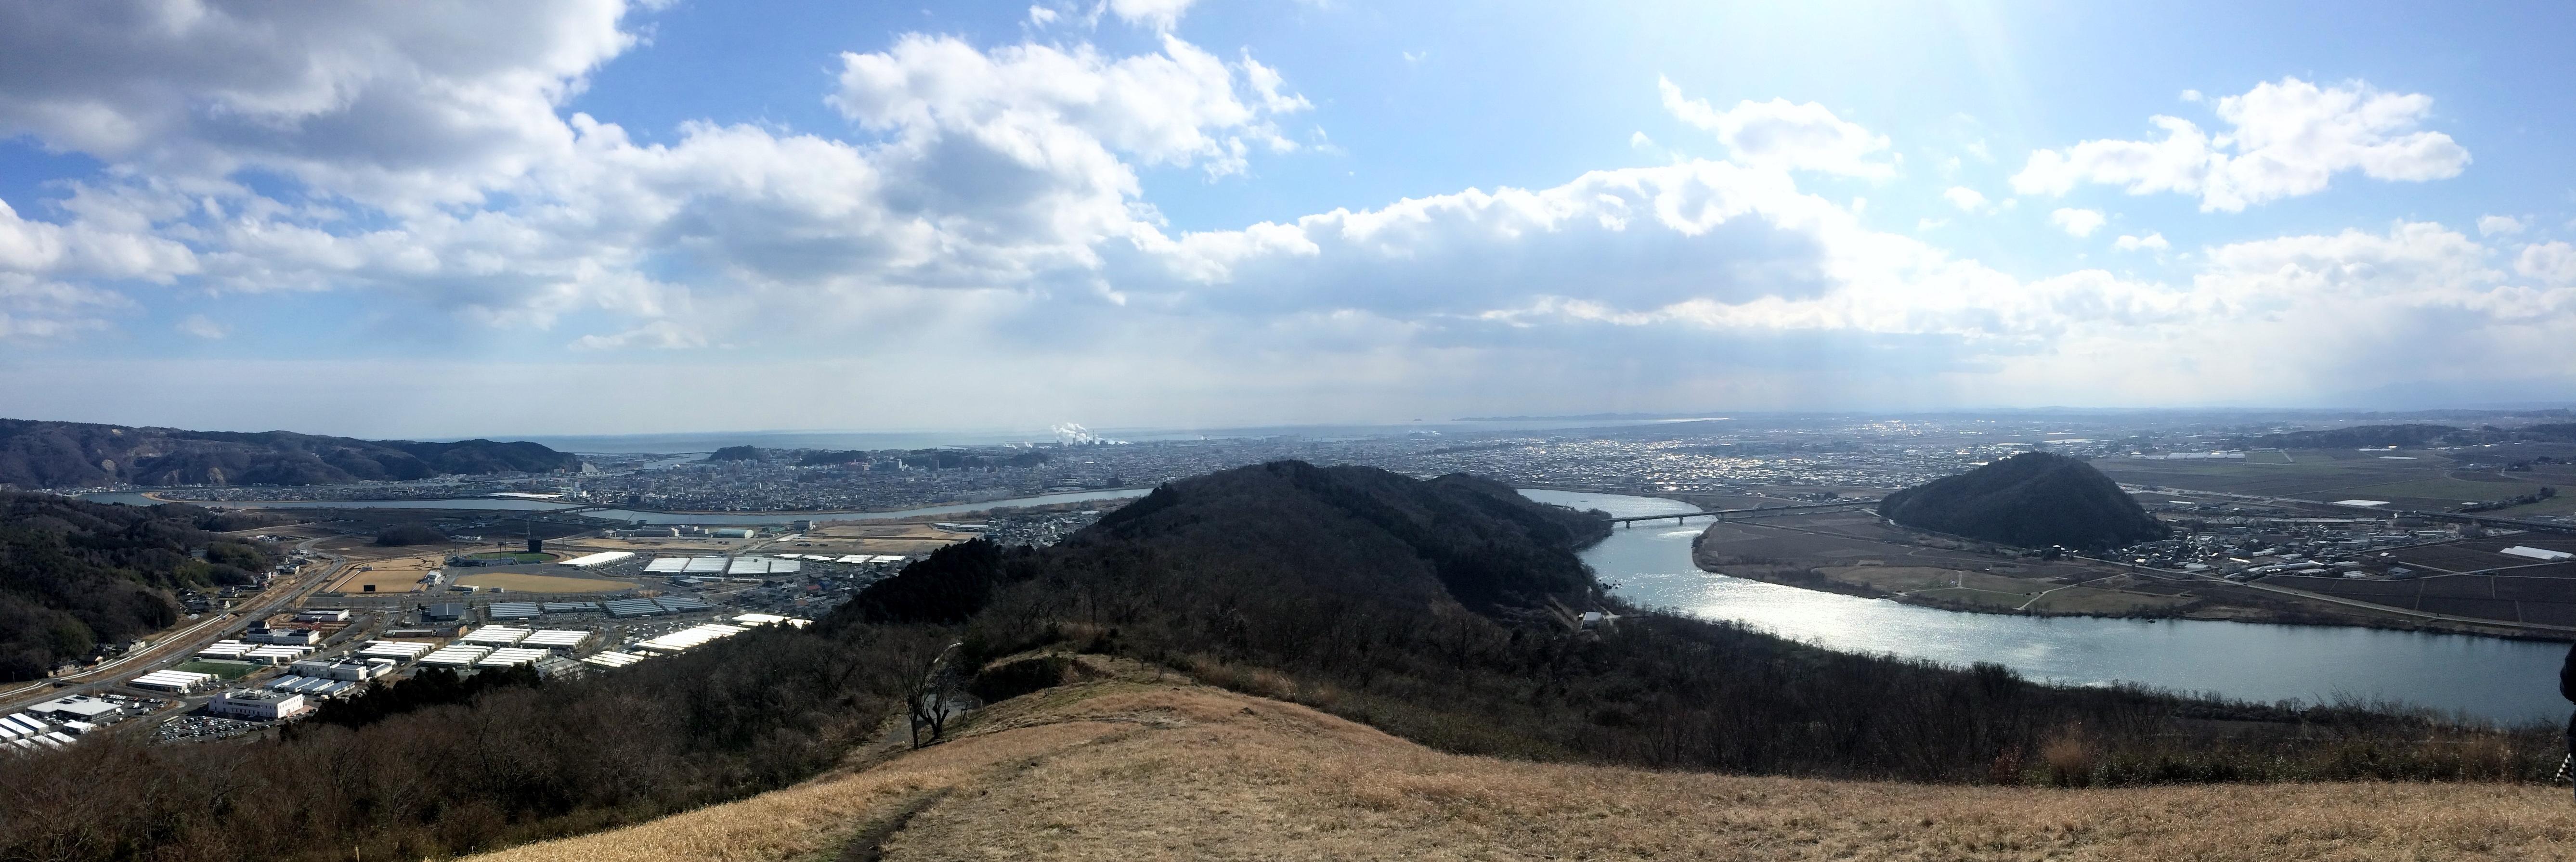 20160311_馬っこ山